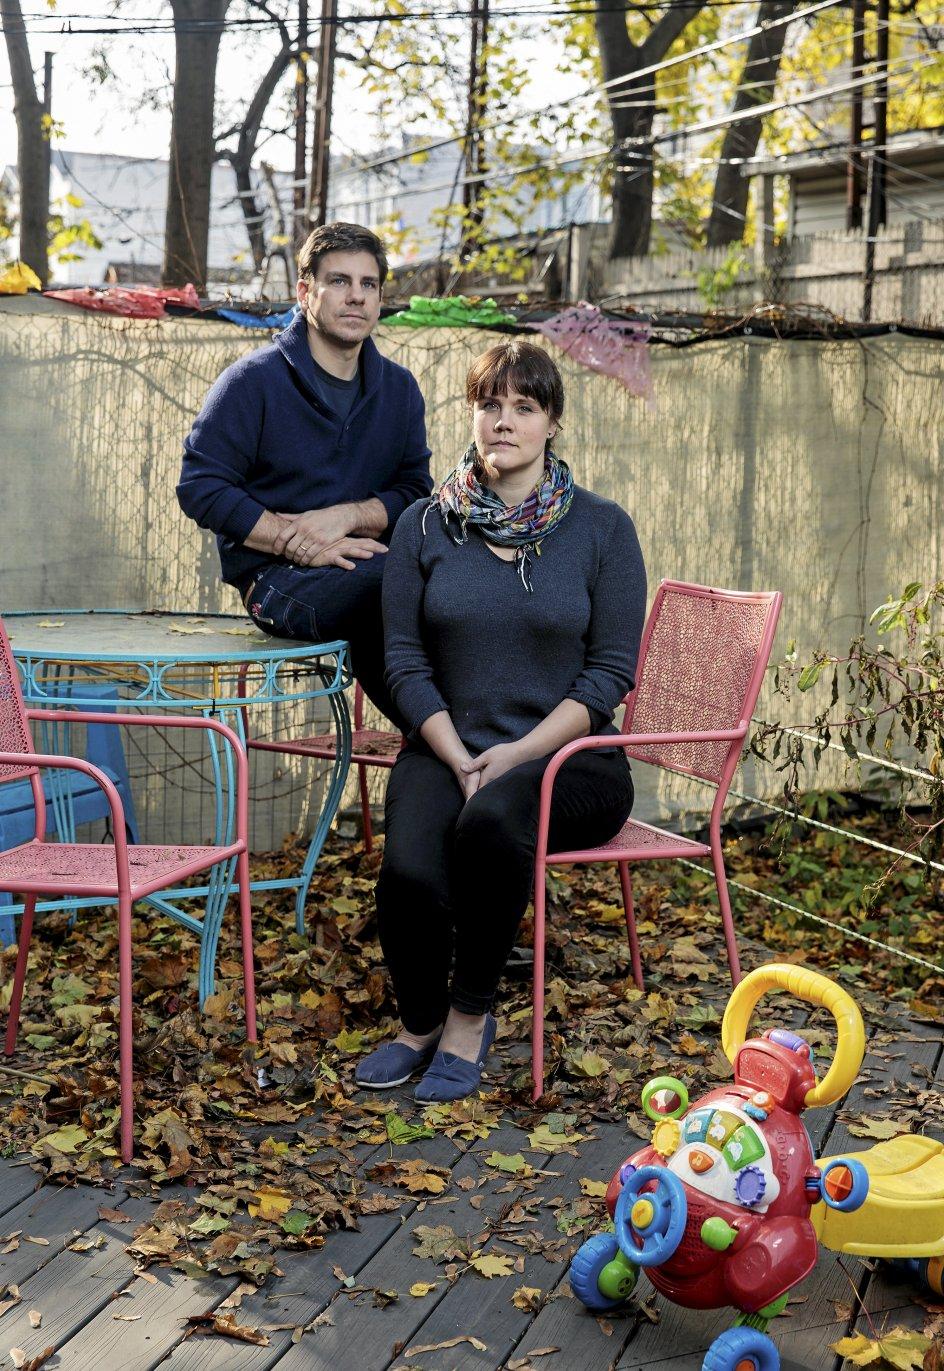 Erika Christensen og hendes mand, Garin Marschall, rejste for tre år siden fra New York til Colorado for at få givet deres ufødte dreng en dødelig indsprøjtning, da de havde fået vished om, at barnet næppe ville overleve mange minutter efter fødslen. Dengang var det ulovligt at få en abort i New York efter 24. svangerskabsuge. –